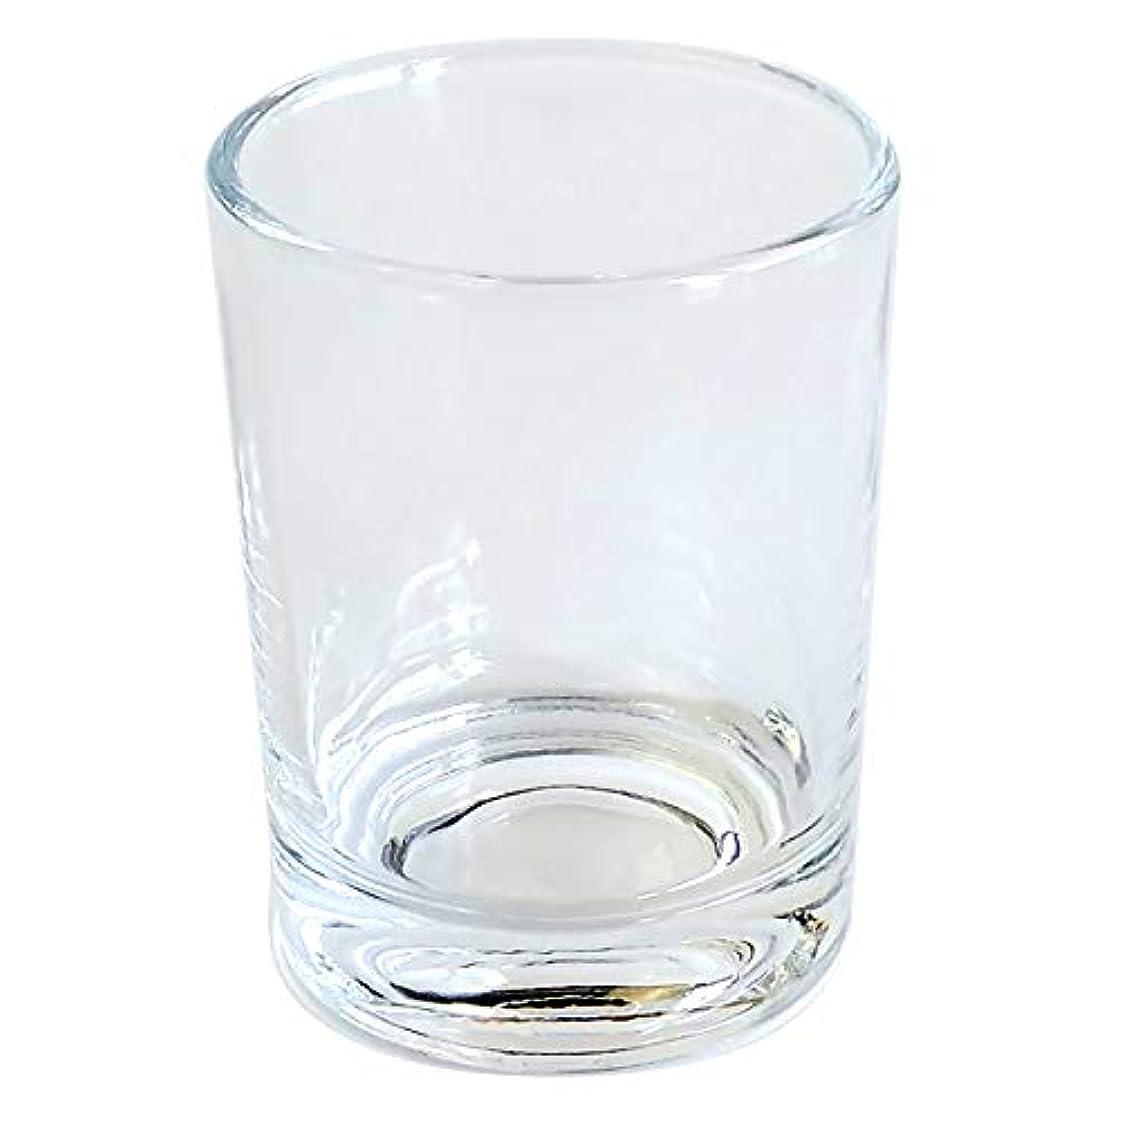 強います塩コンドームキャンドルホルダー ガラス シンプル[大] 105個【キャンドルスタンド ろうそく立て 燭台 おしゃれ】